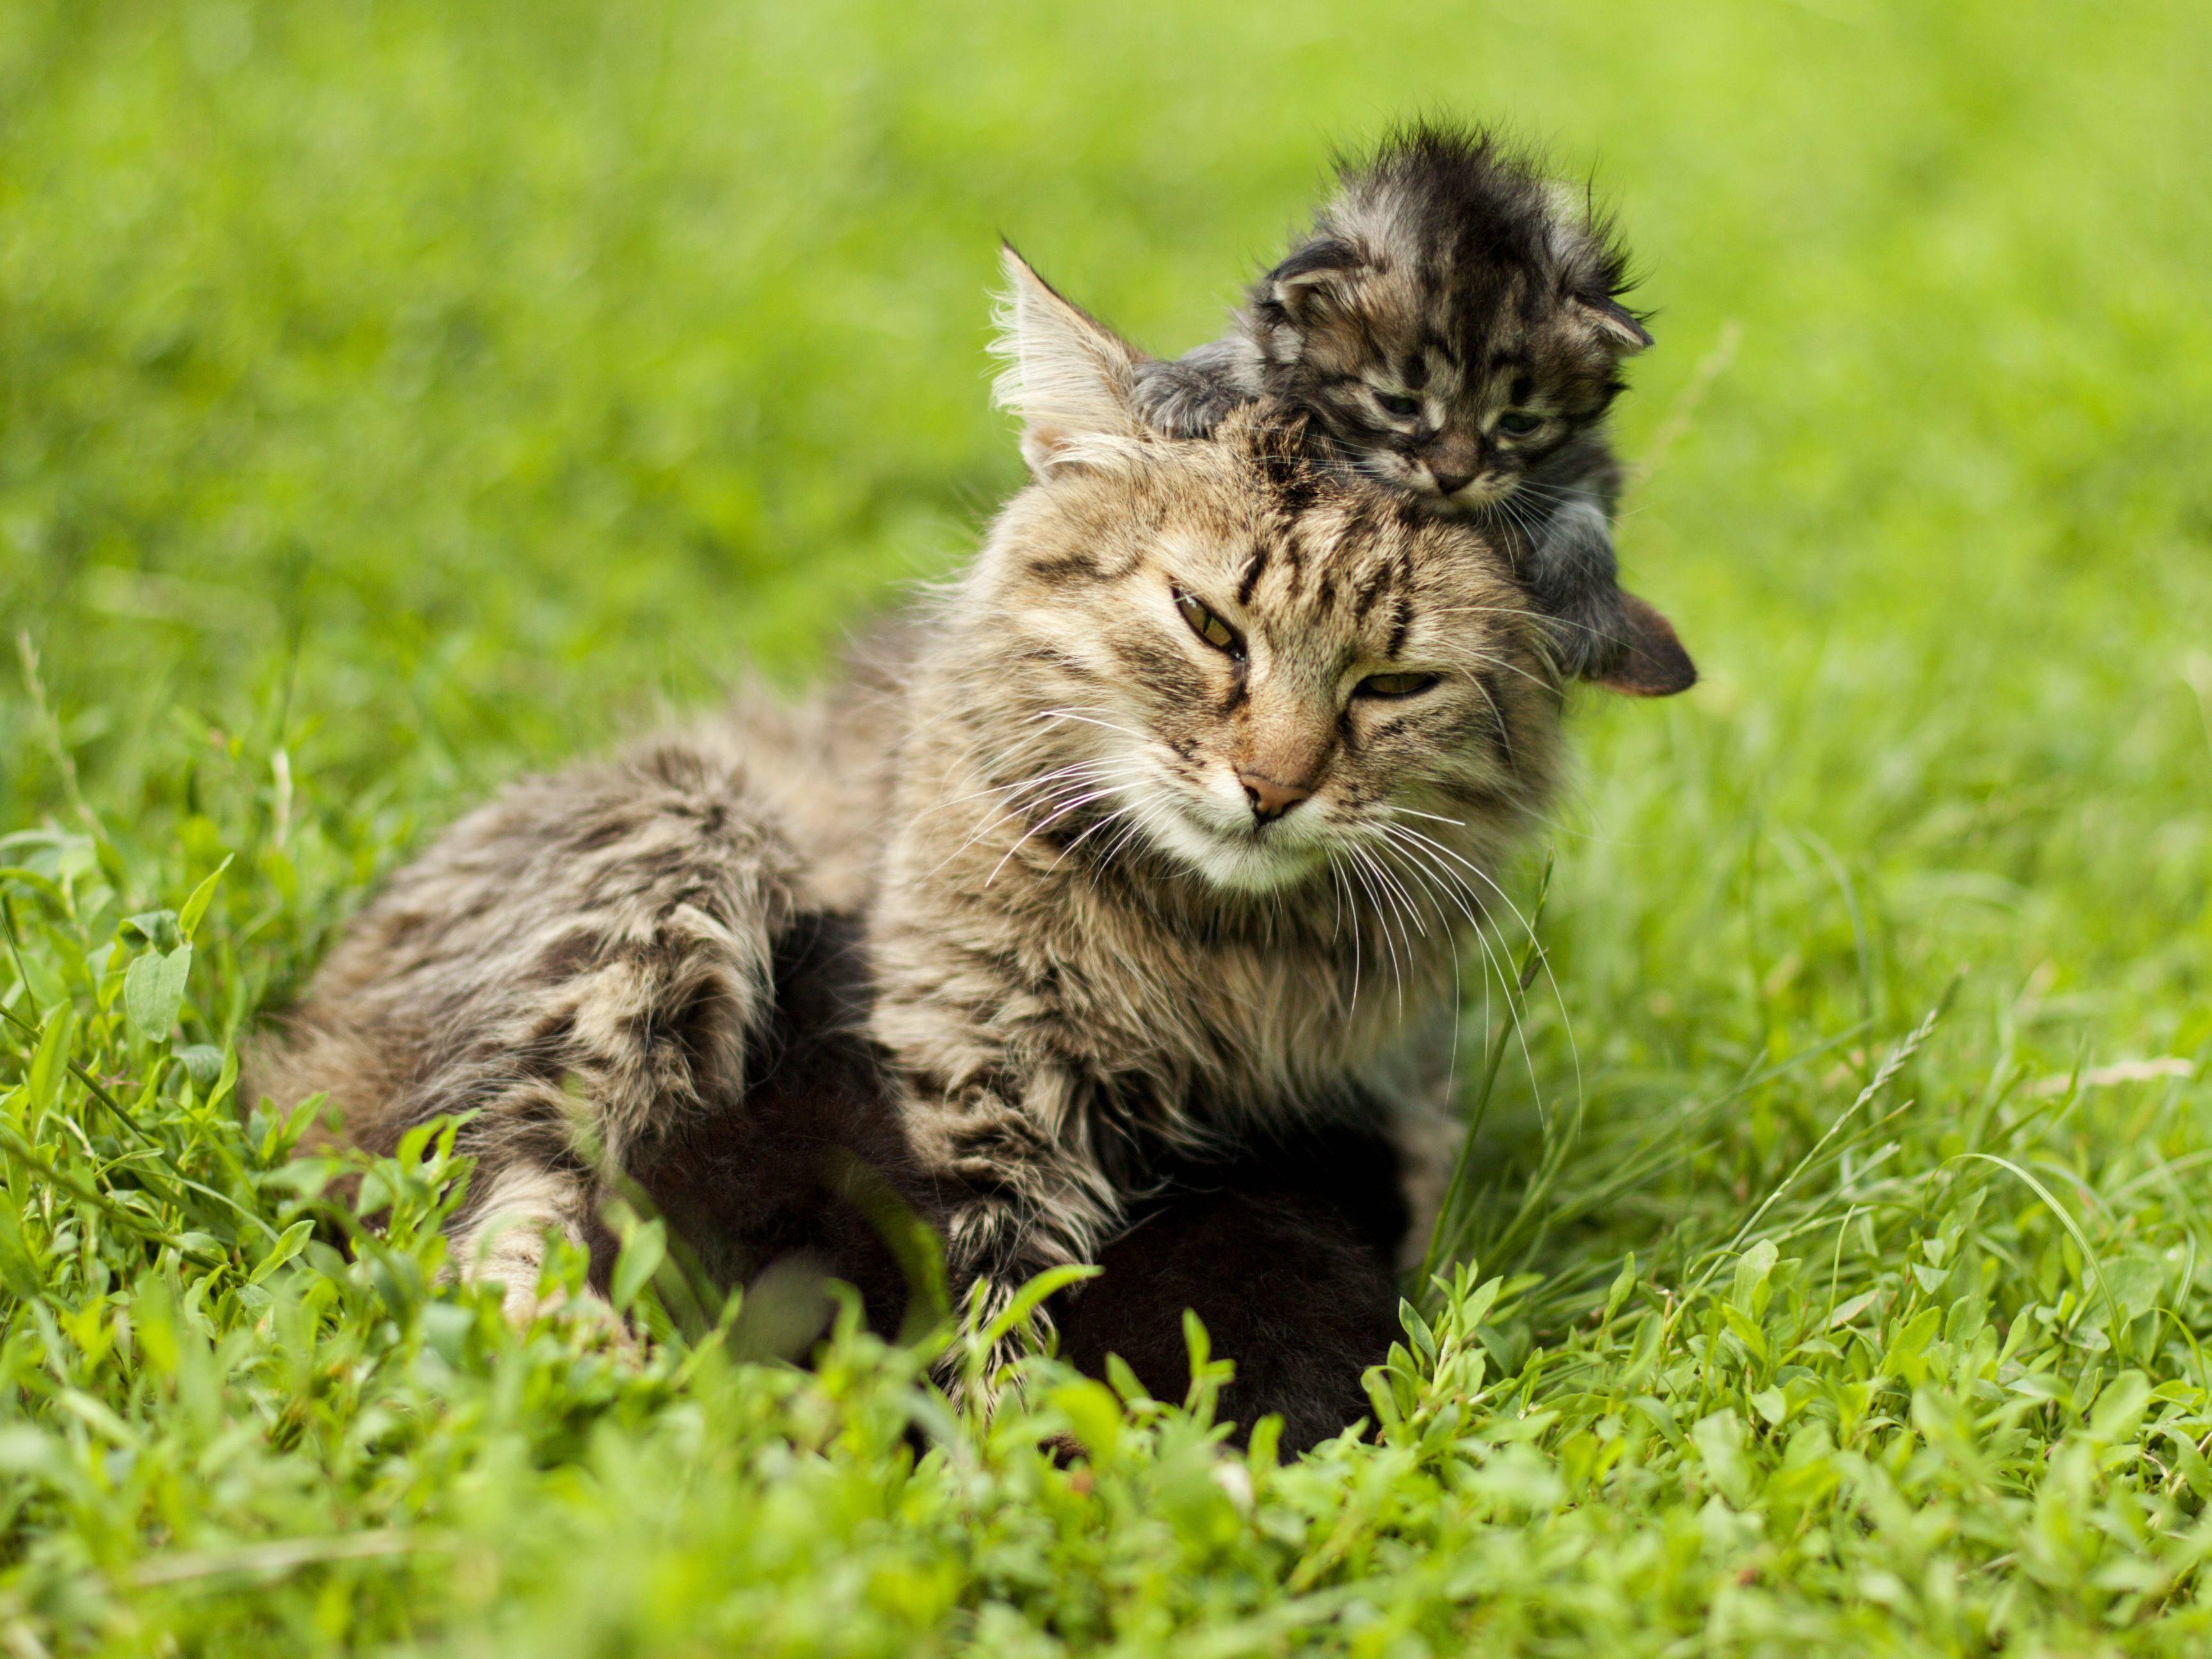 Platz 3: Diese beiden Katzen leisten Teamarbeit und holen sich den besten Platz! — Bild: Shutterstock / Kozub Vasyl